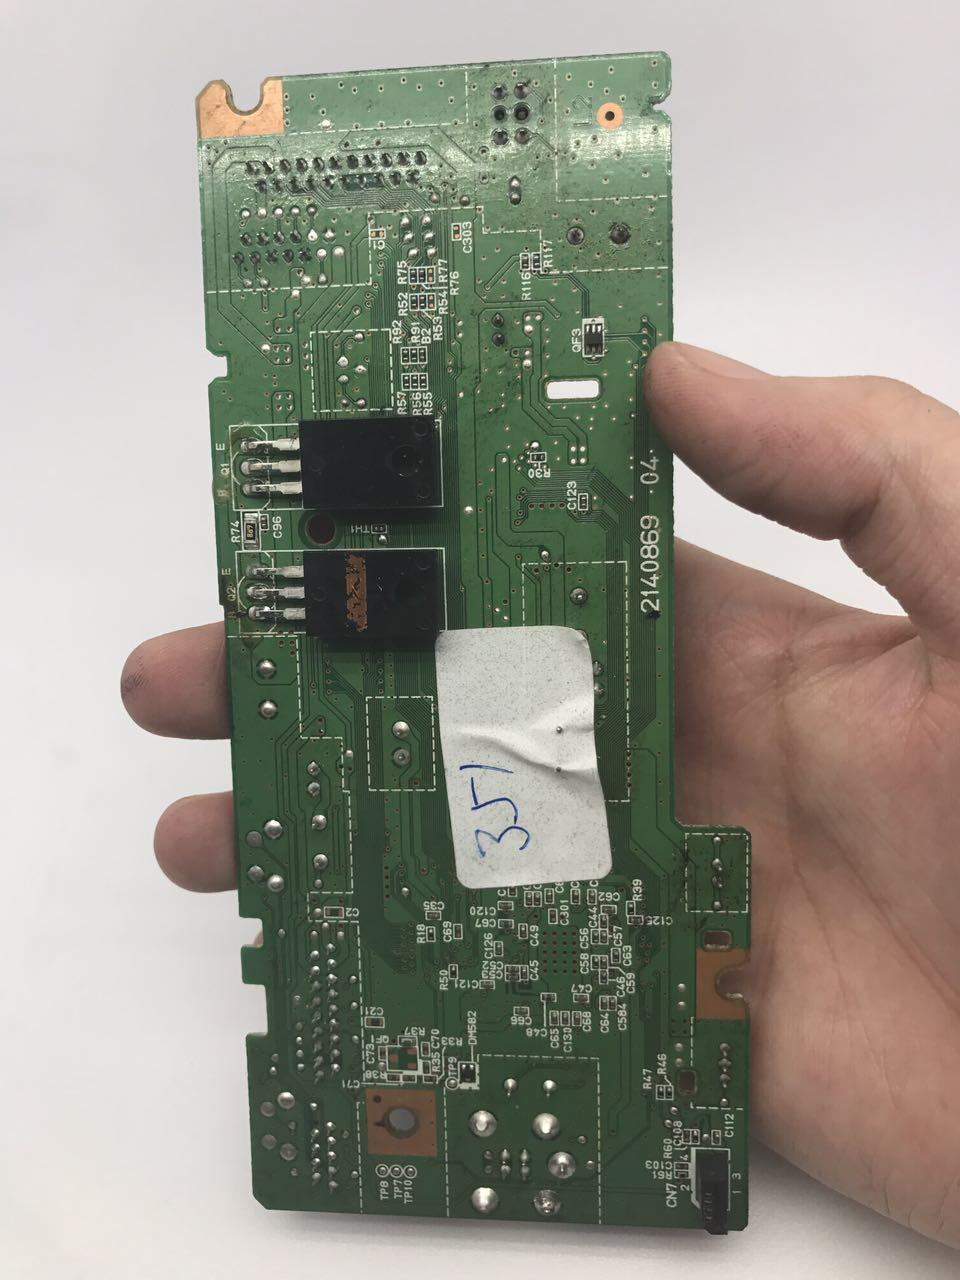 CC04 formatter main board for Epson L351 printer